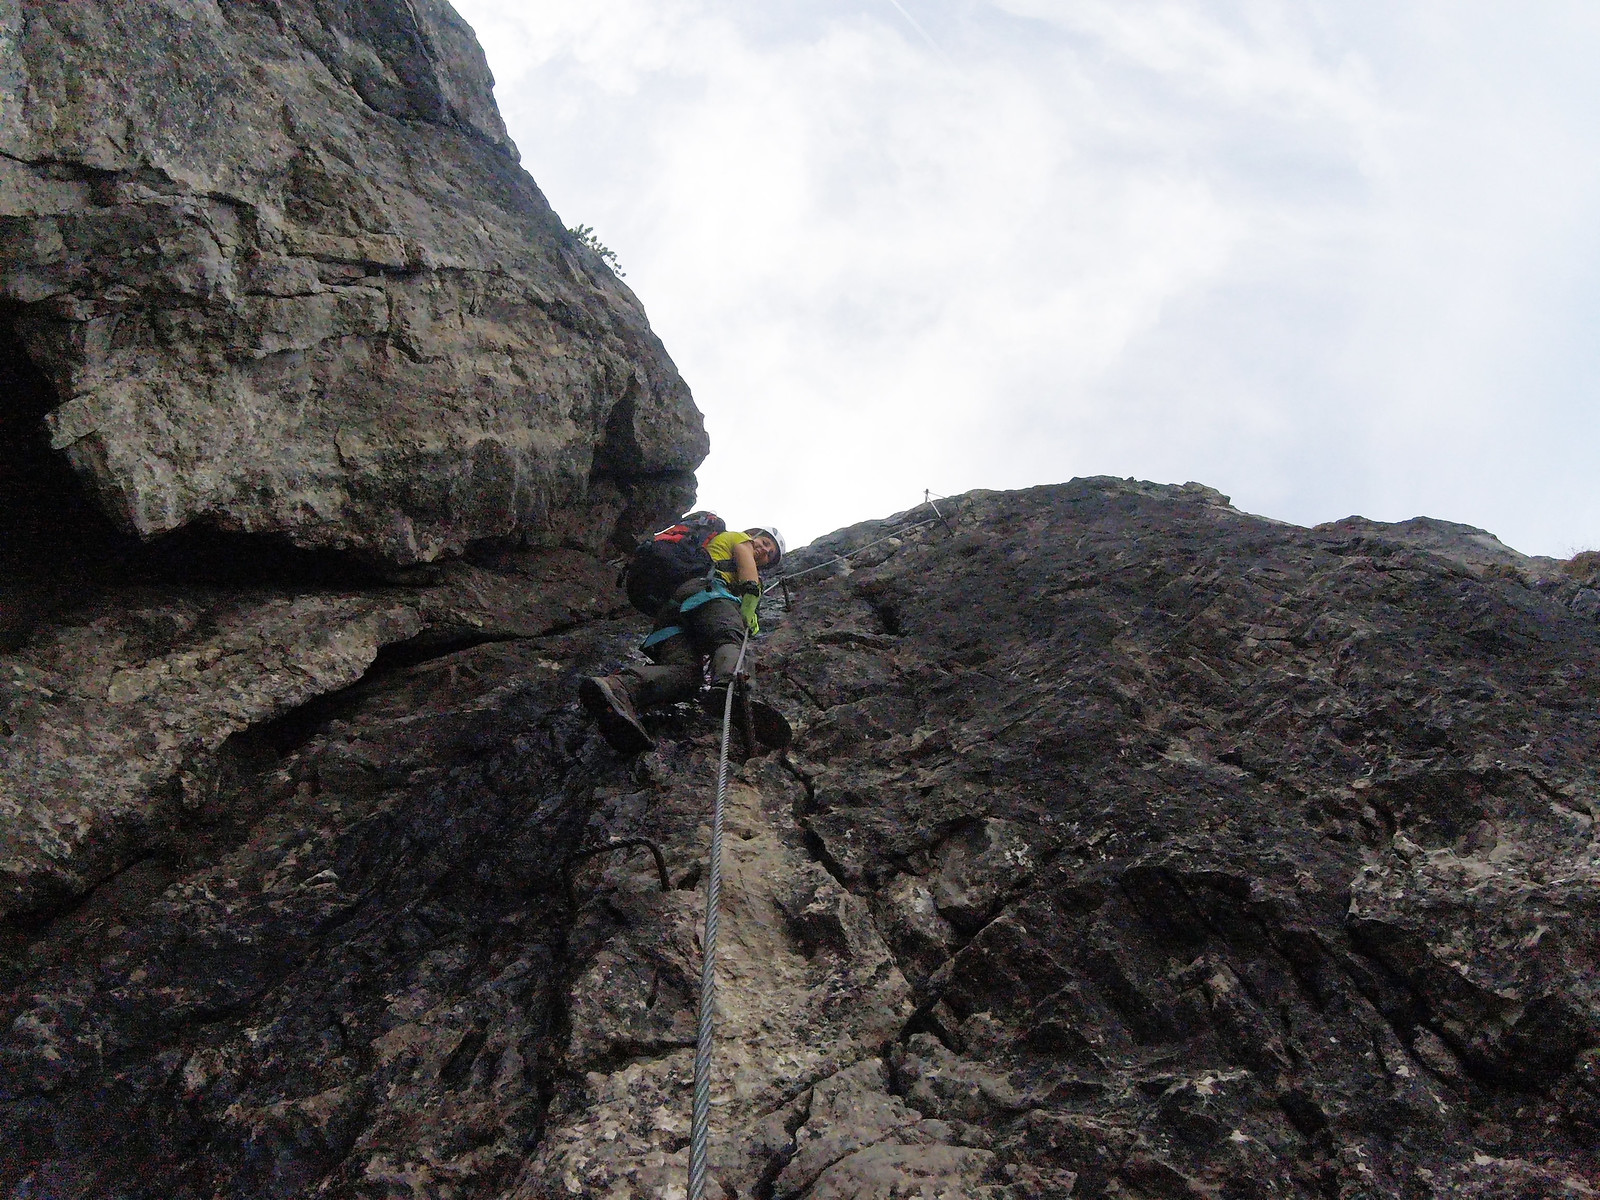 Klettersteig Kanzelwand : Zweiländer klettersteig kanzelwand else